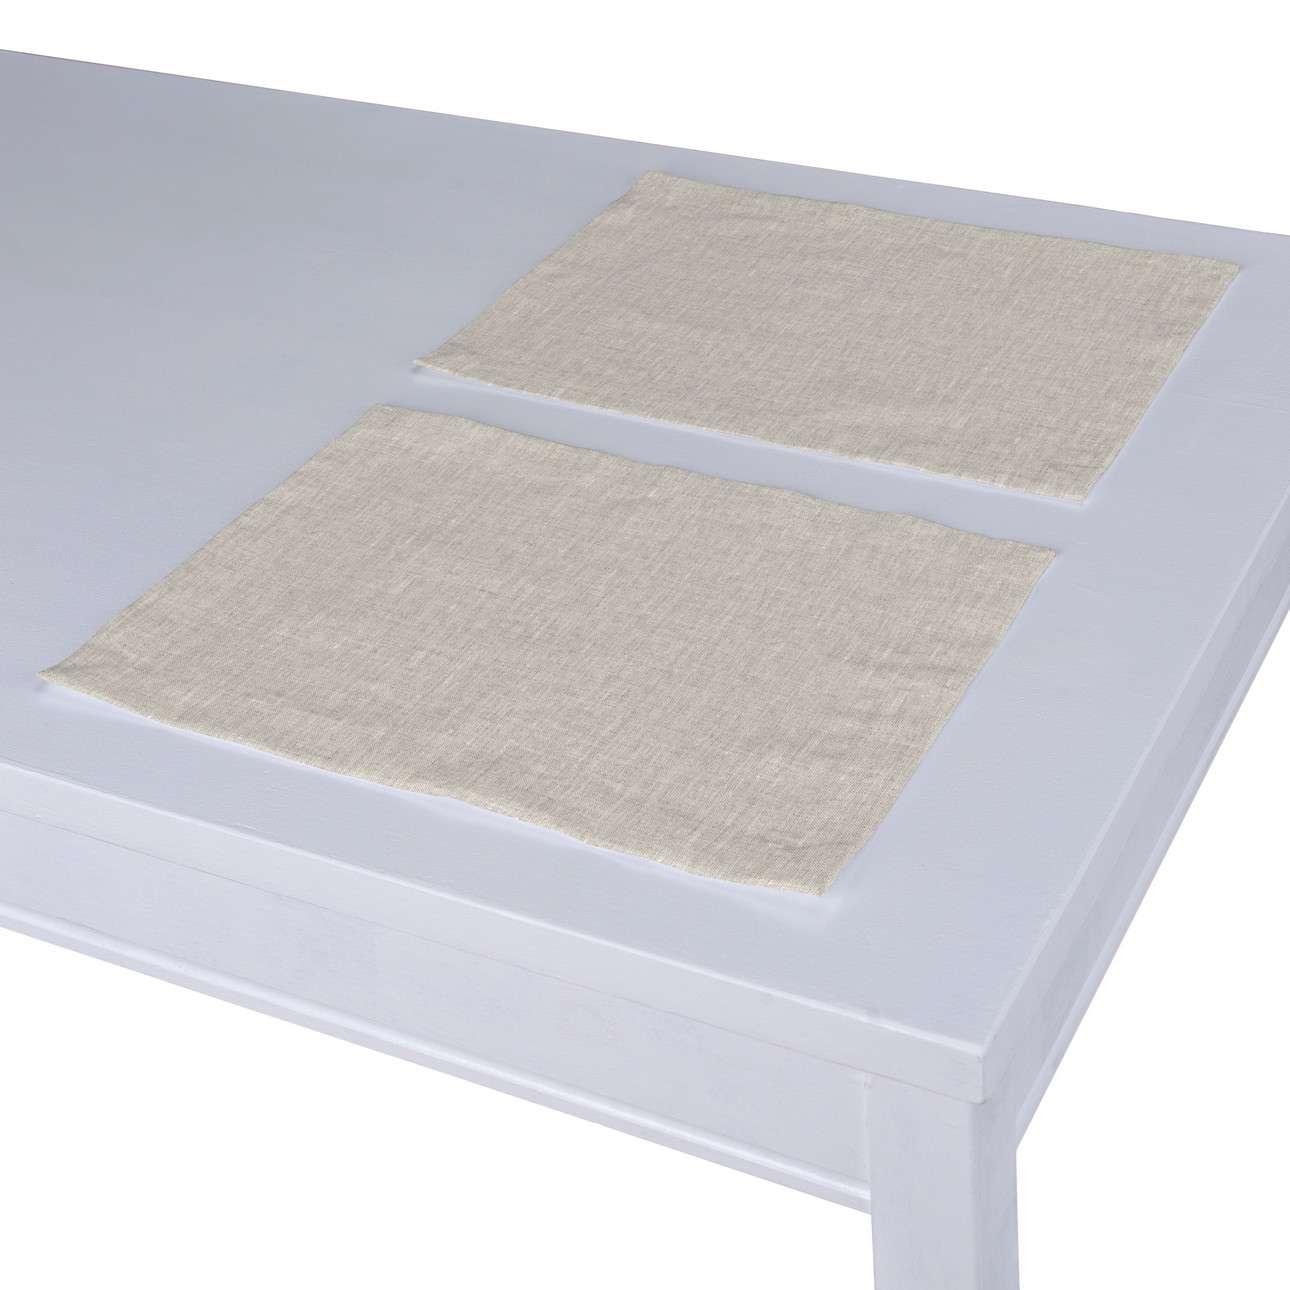 Podkładka 2 sztuki w kolekcji Linen, tkanina: 159-07